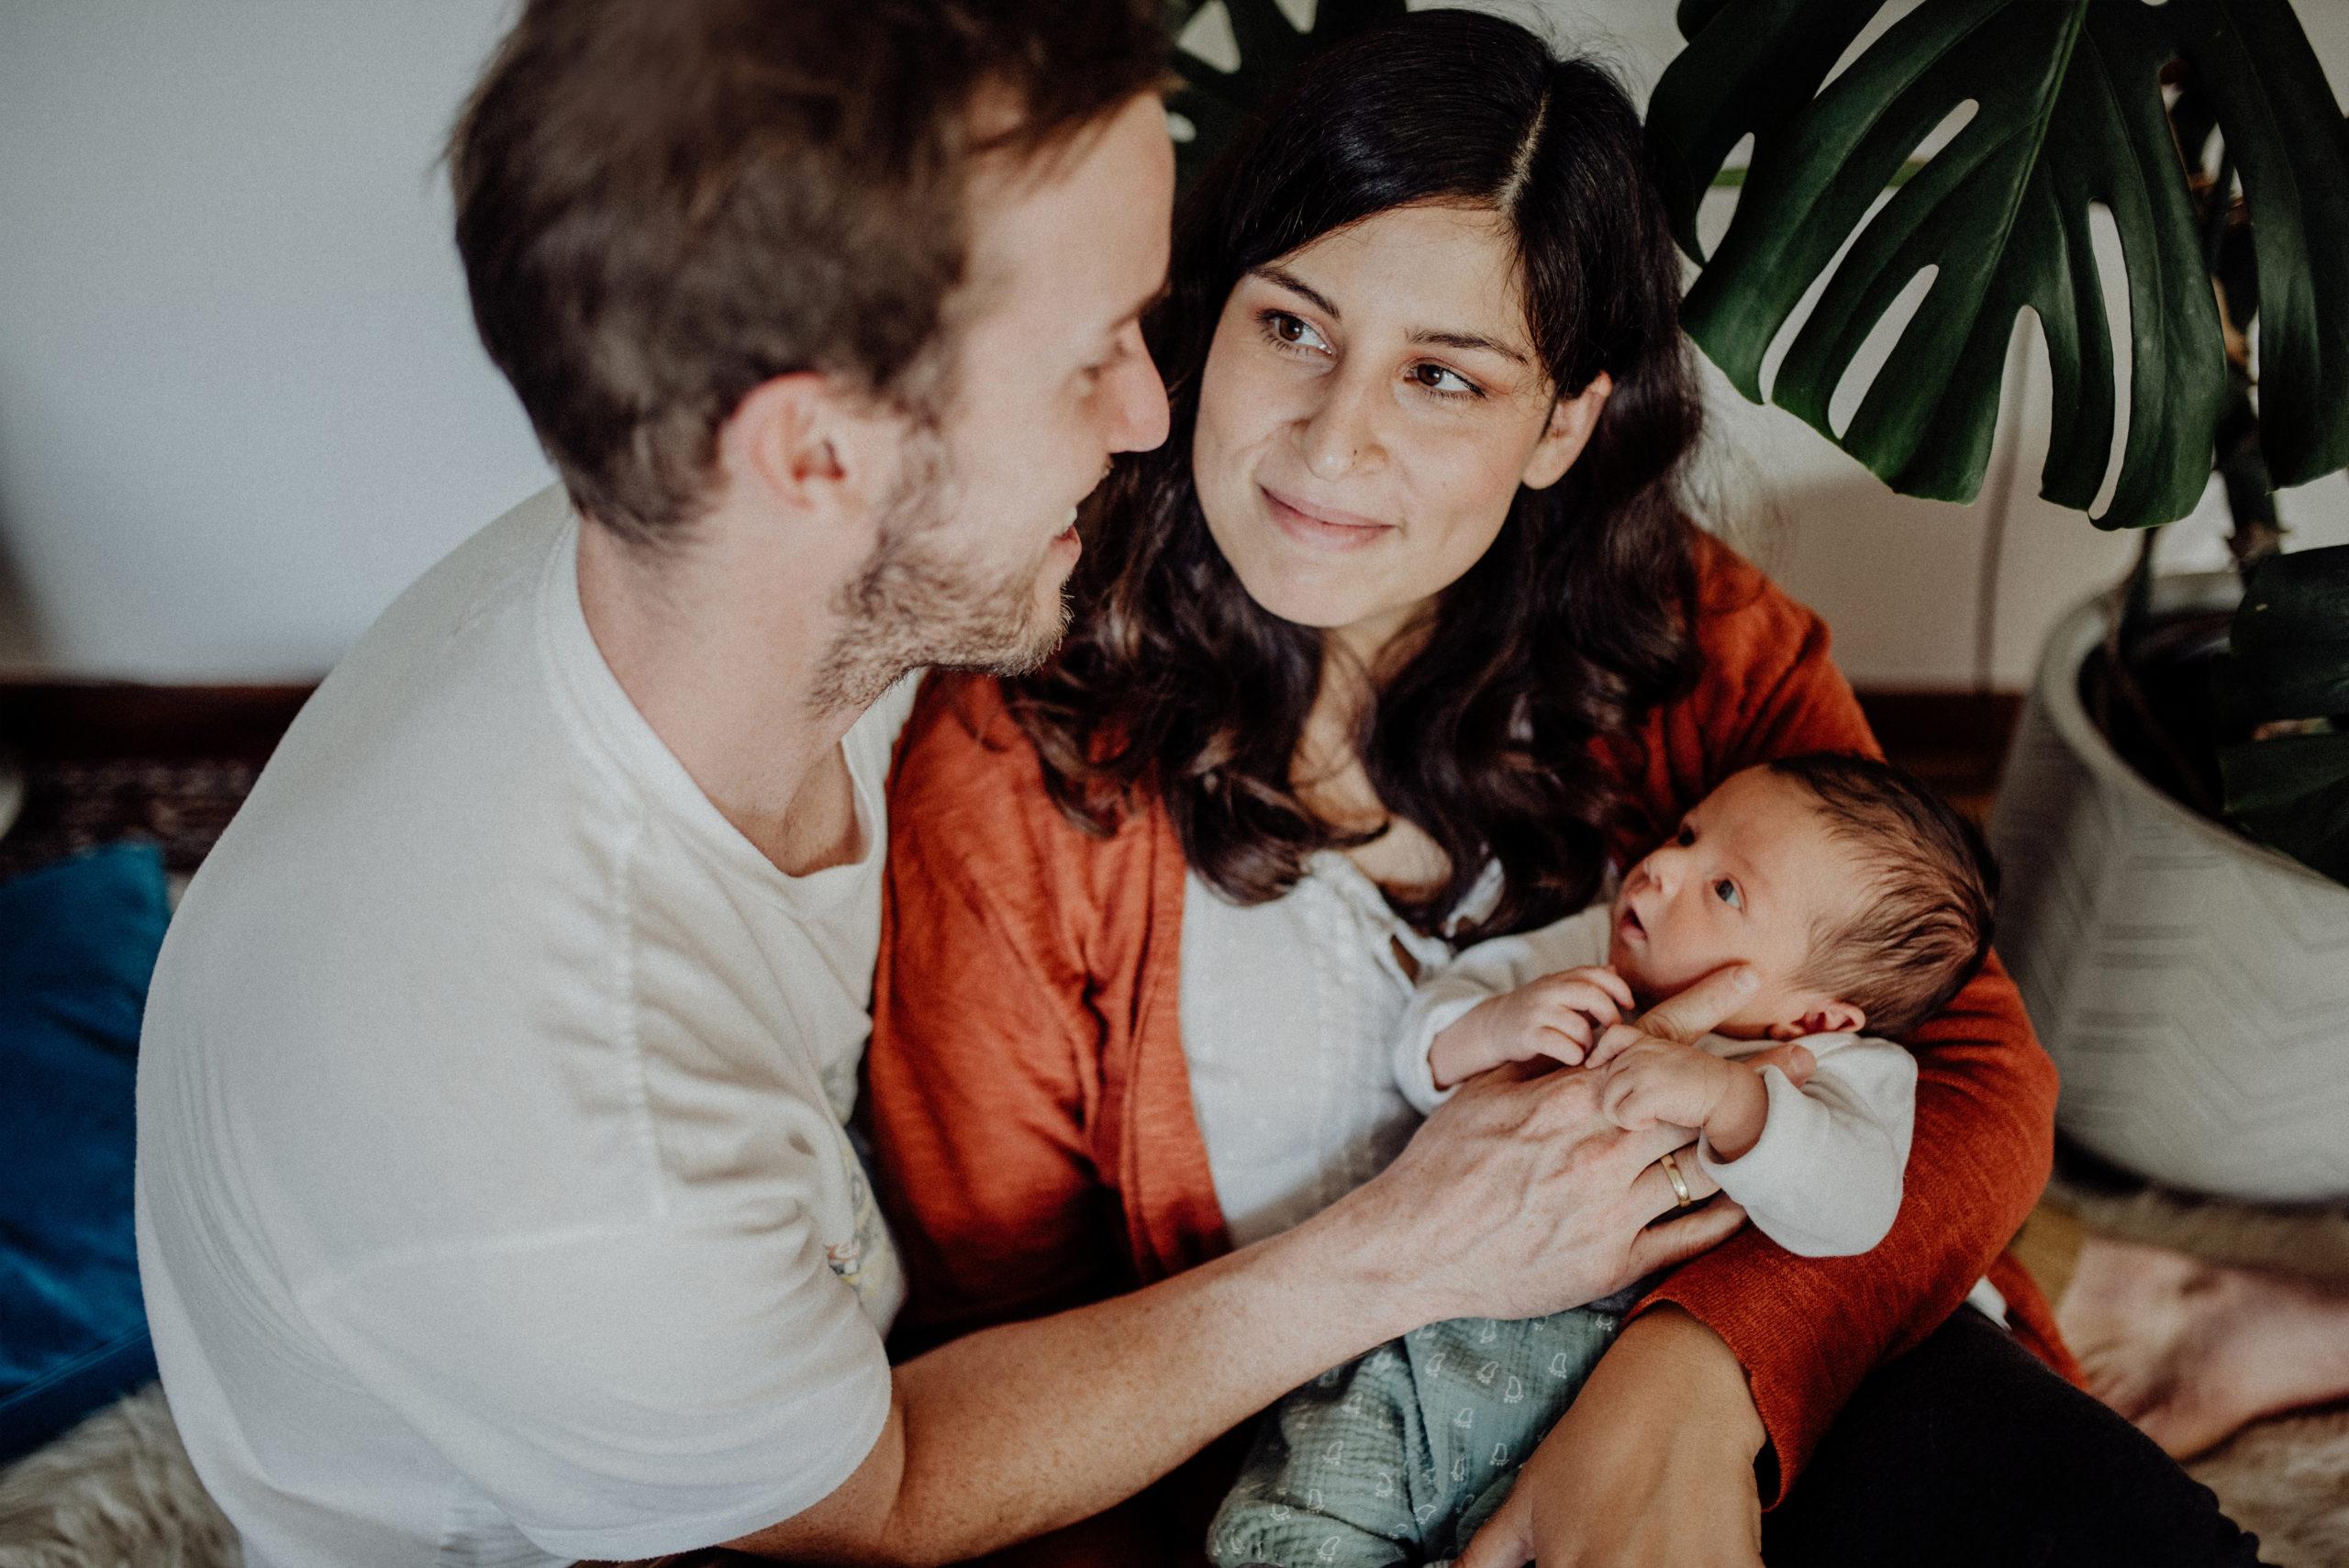 024-Witten-Homestory-Homesession-Newborn-Baby-Fotoshooting